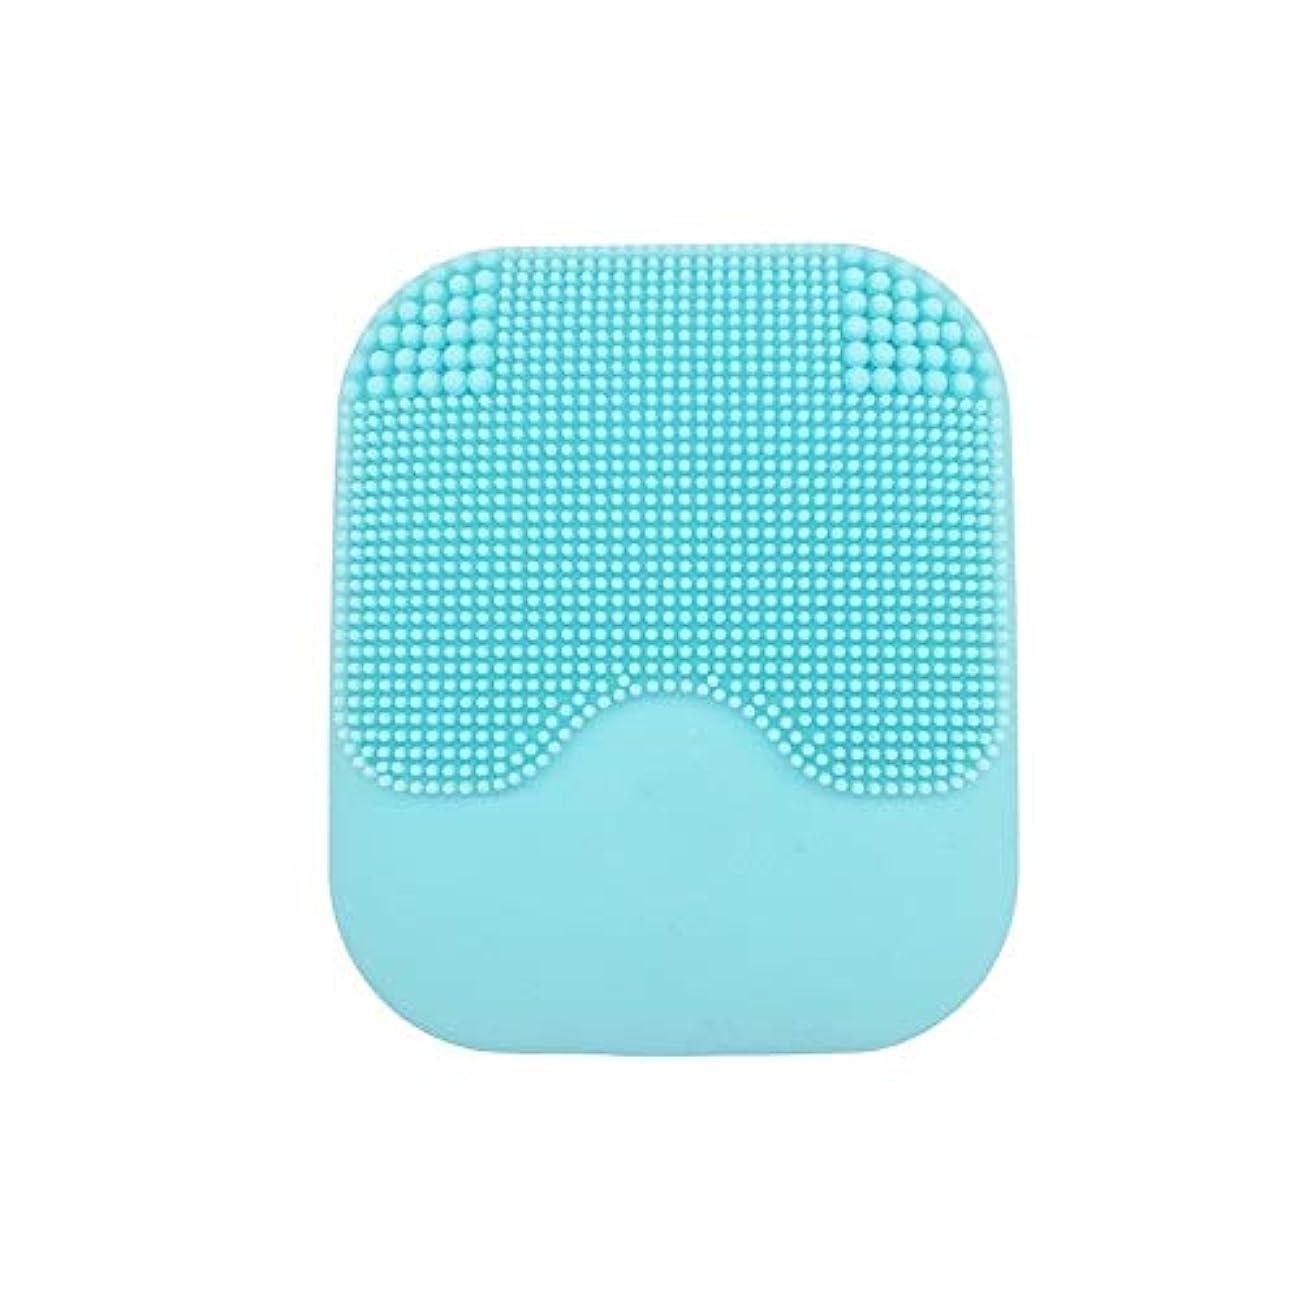 ヒゲ支払う試用シリコン洗顔ブラシ、スリースピード調節可能な防水充電式ひげエレクトリック顔ブラシ顔面にきびスクラバーアンチエイジングスキンケア (Color : 青)